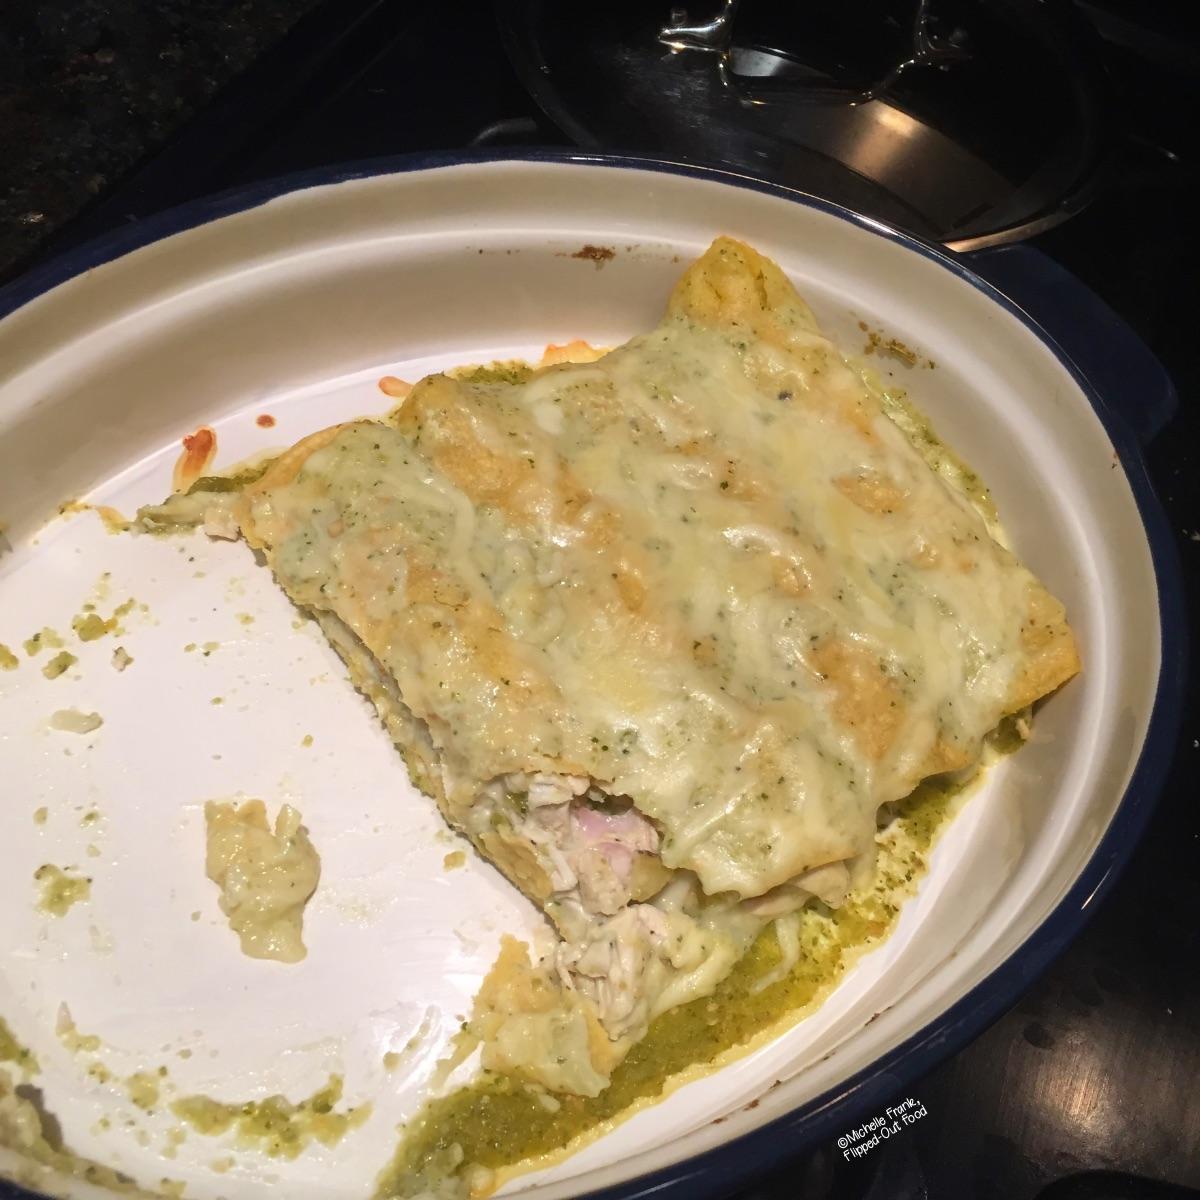 Half-eaten green chile turkey enchiladas in a baking dish.